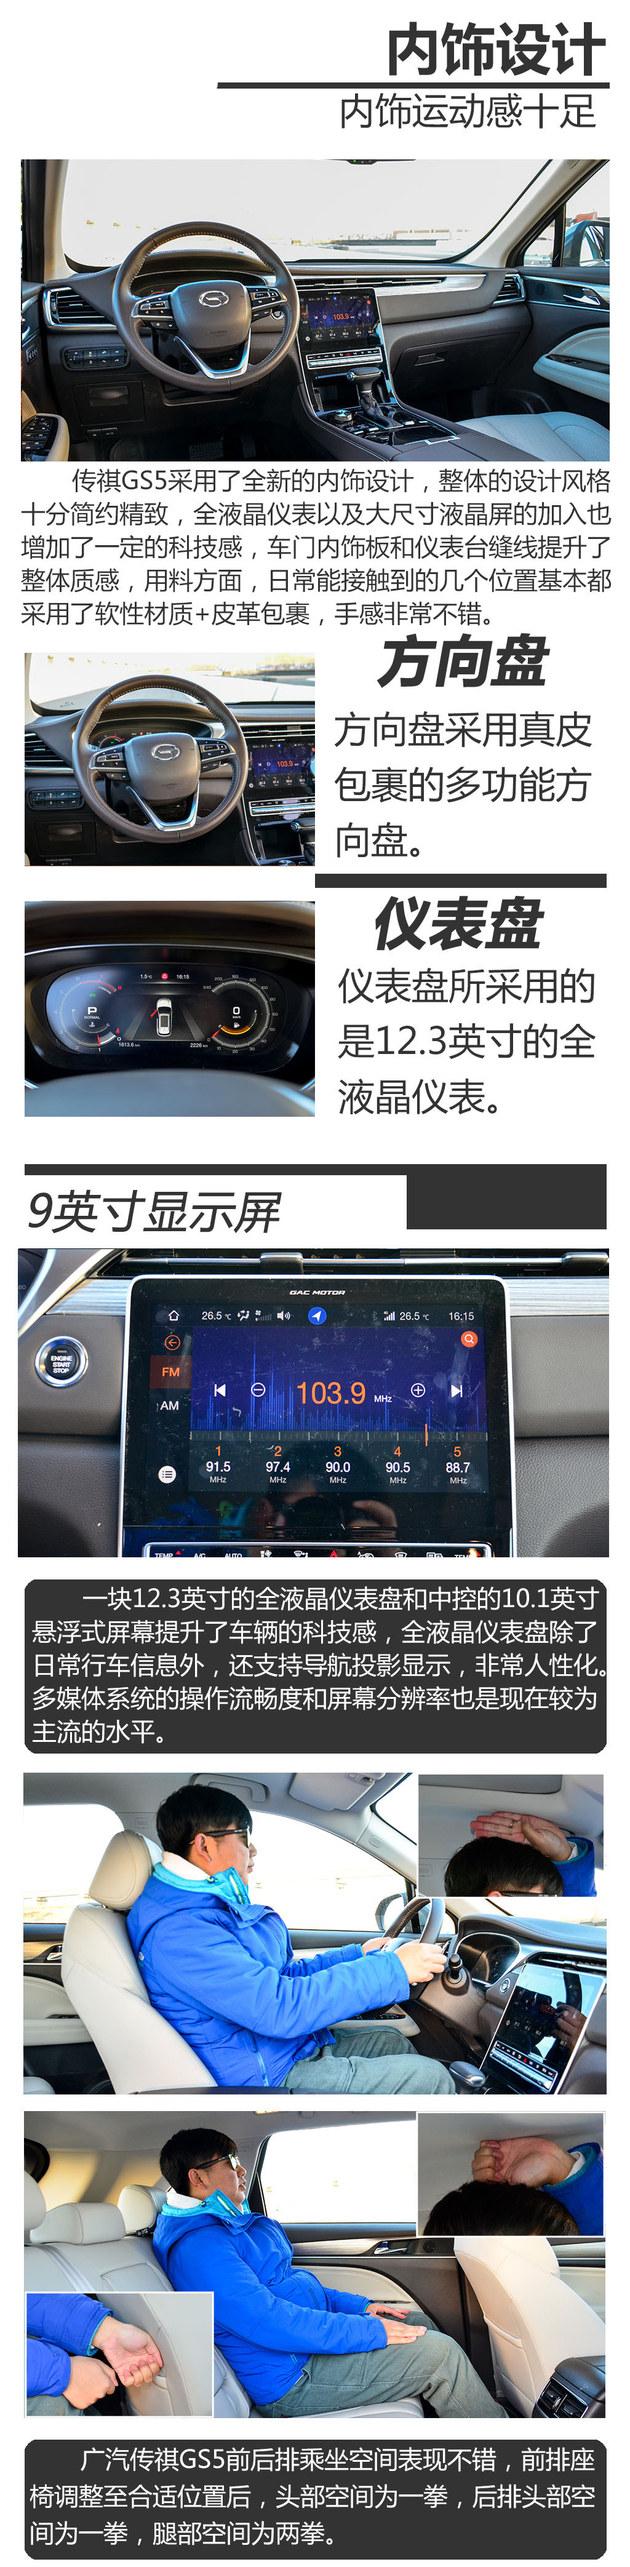 广汽传祺GS5 1.5T性能测试 质的提升